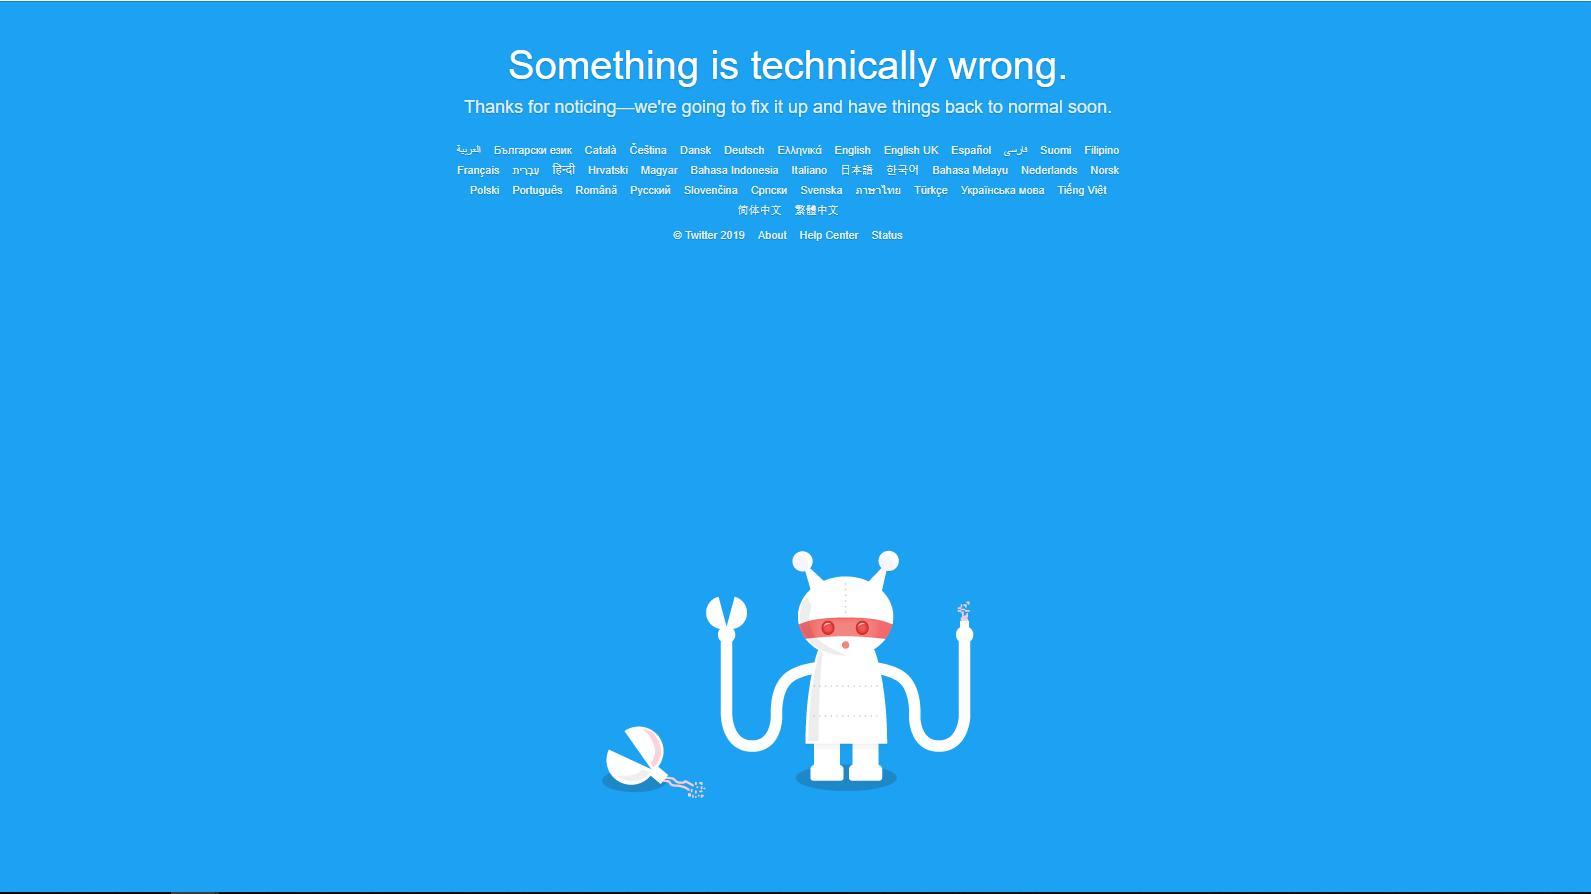 Seit Donnerstagabend wird diese Fehlermeldung angezeigt, wenn man Twitter aufruft.